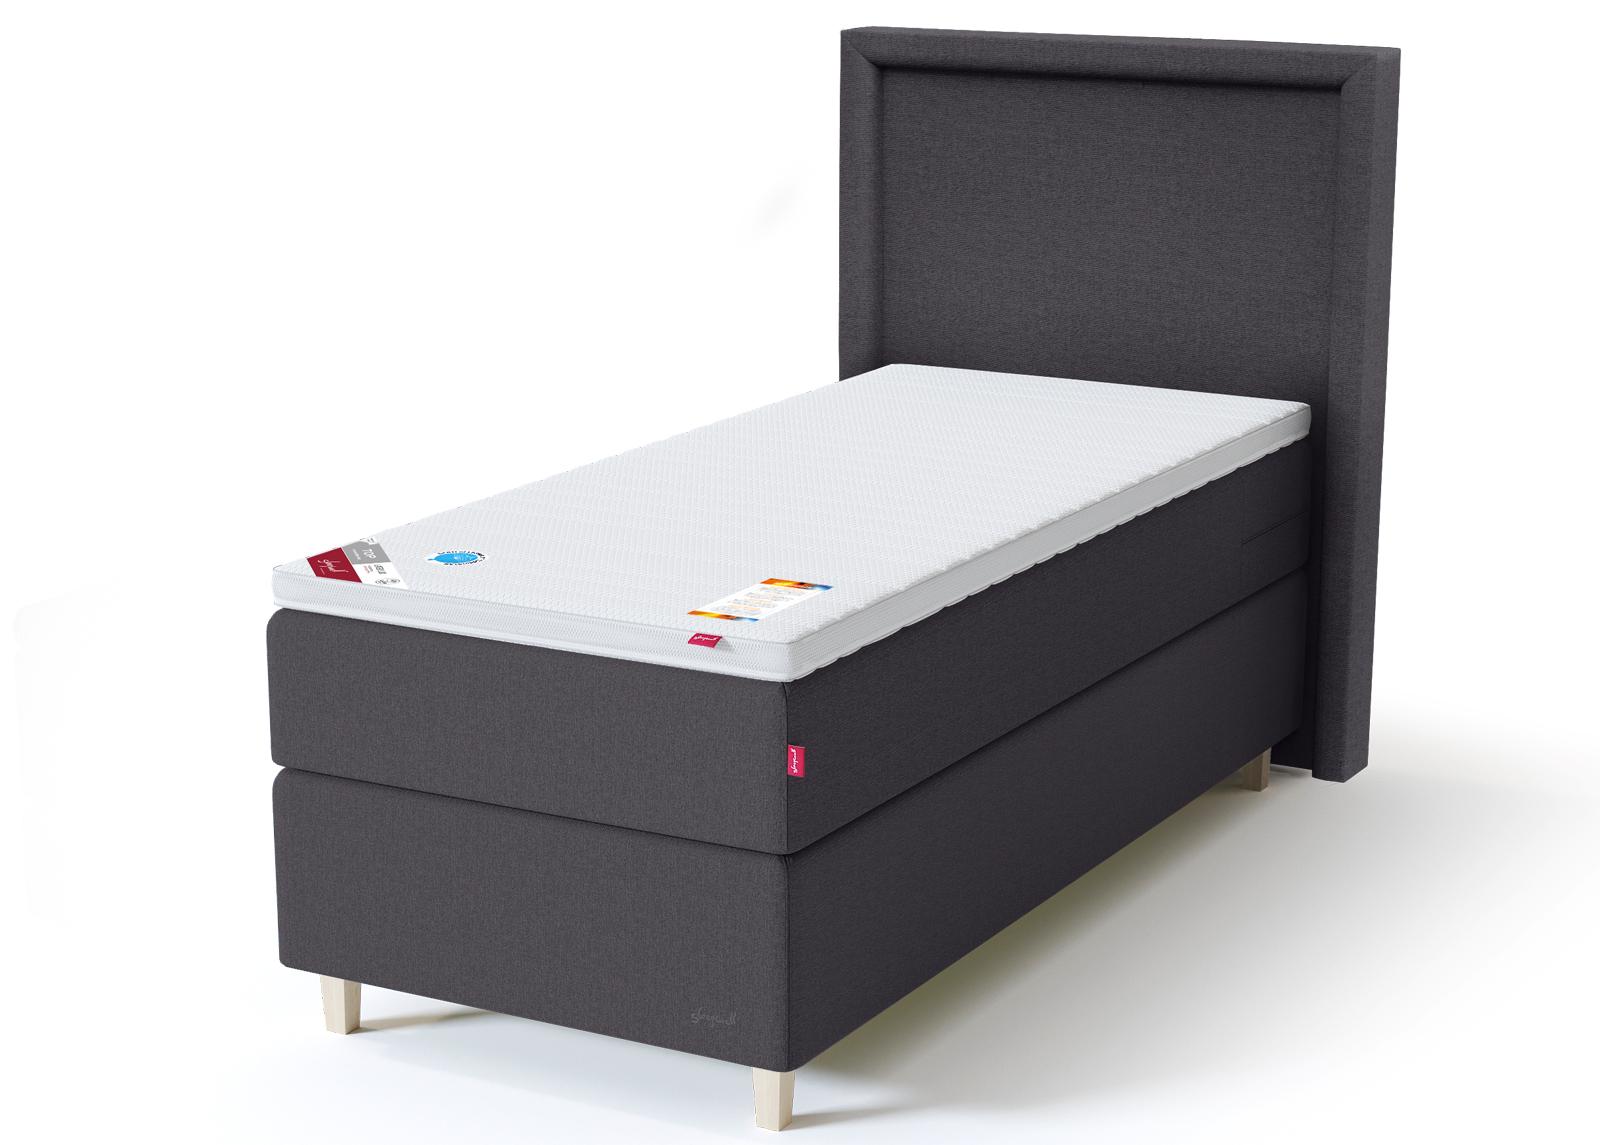 Sleepwell BLACK jenkkisänky 140x200 cm